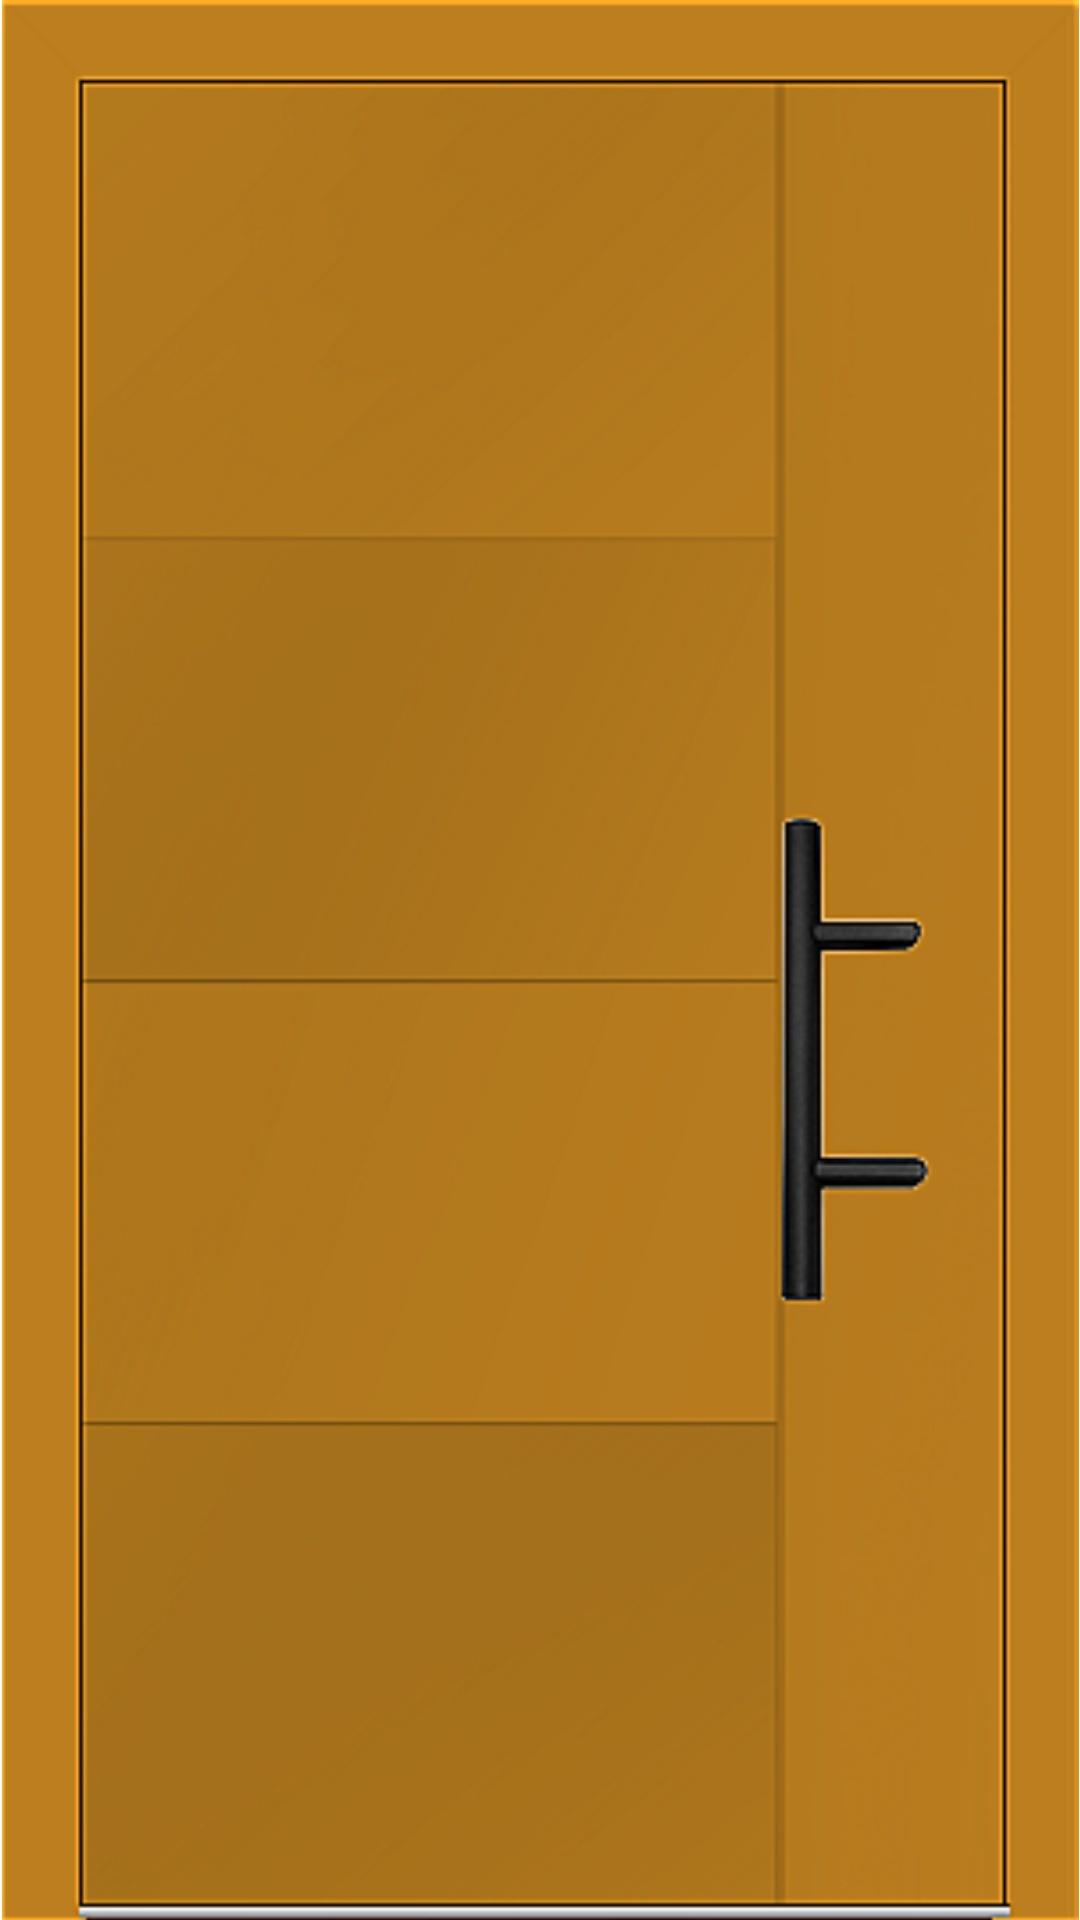 Holz-Alu Haustür Modell 66874 honiggelb